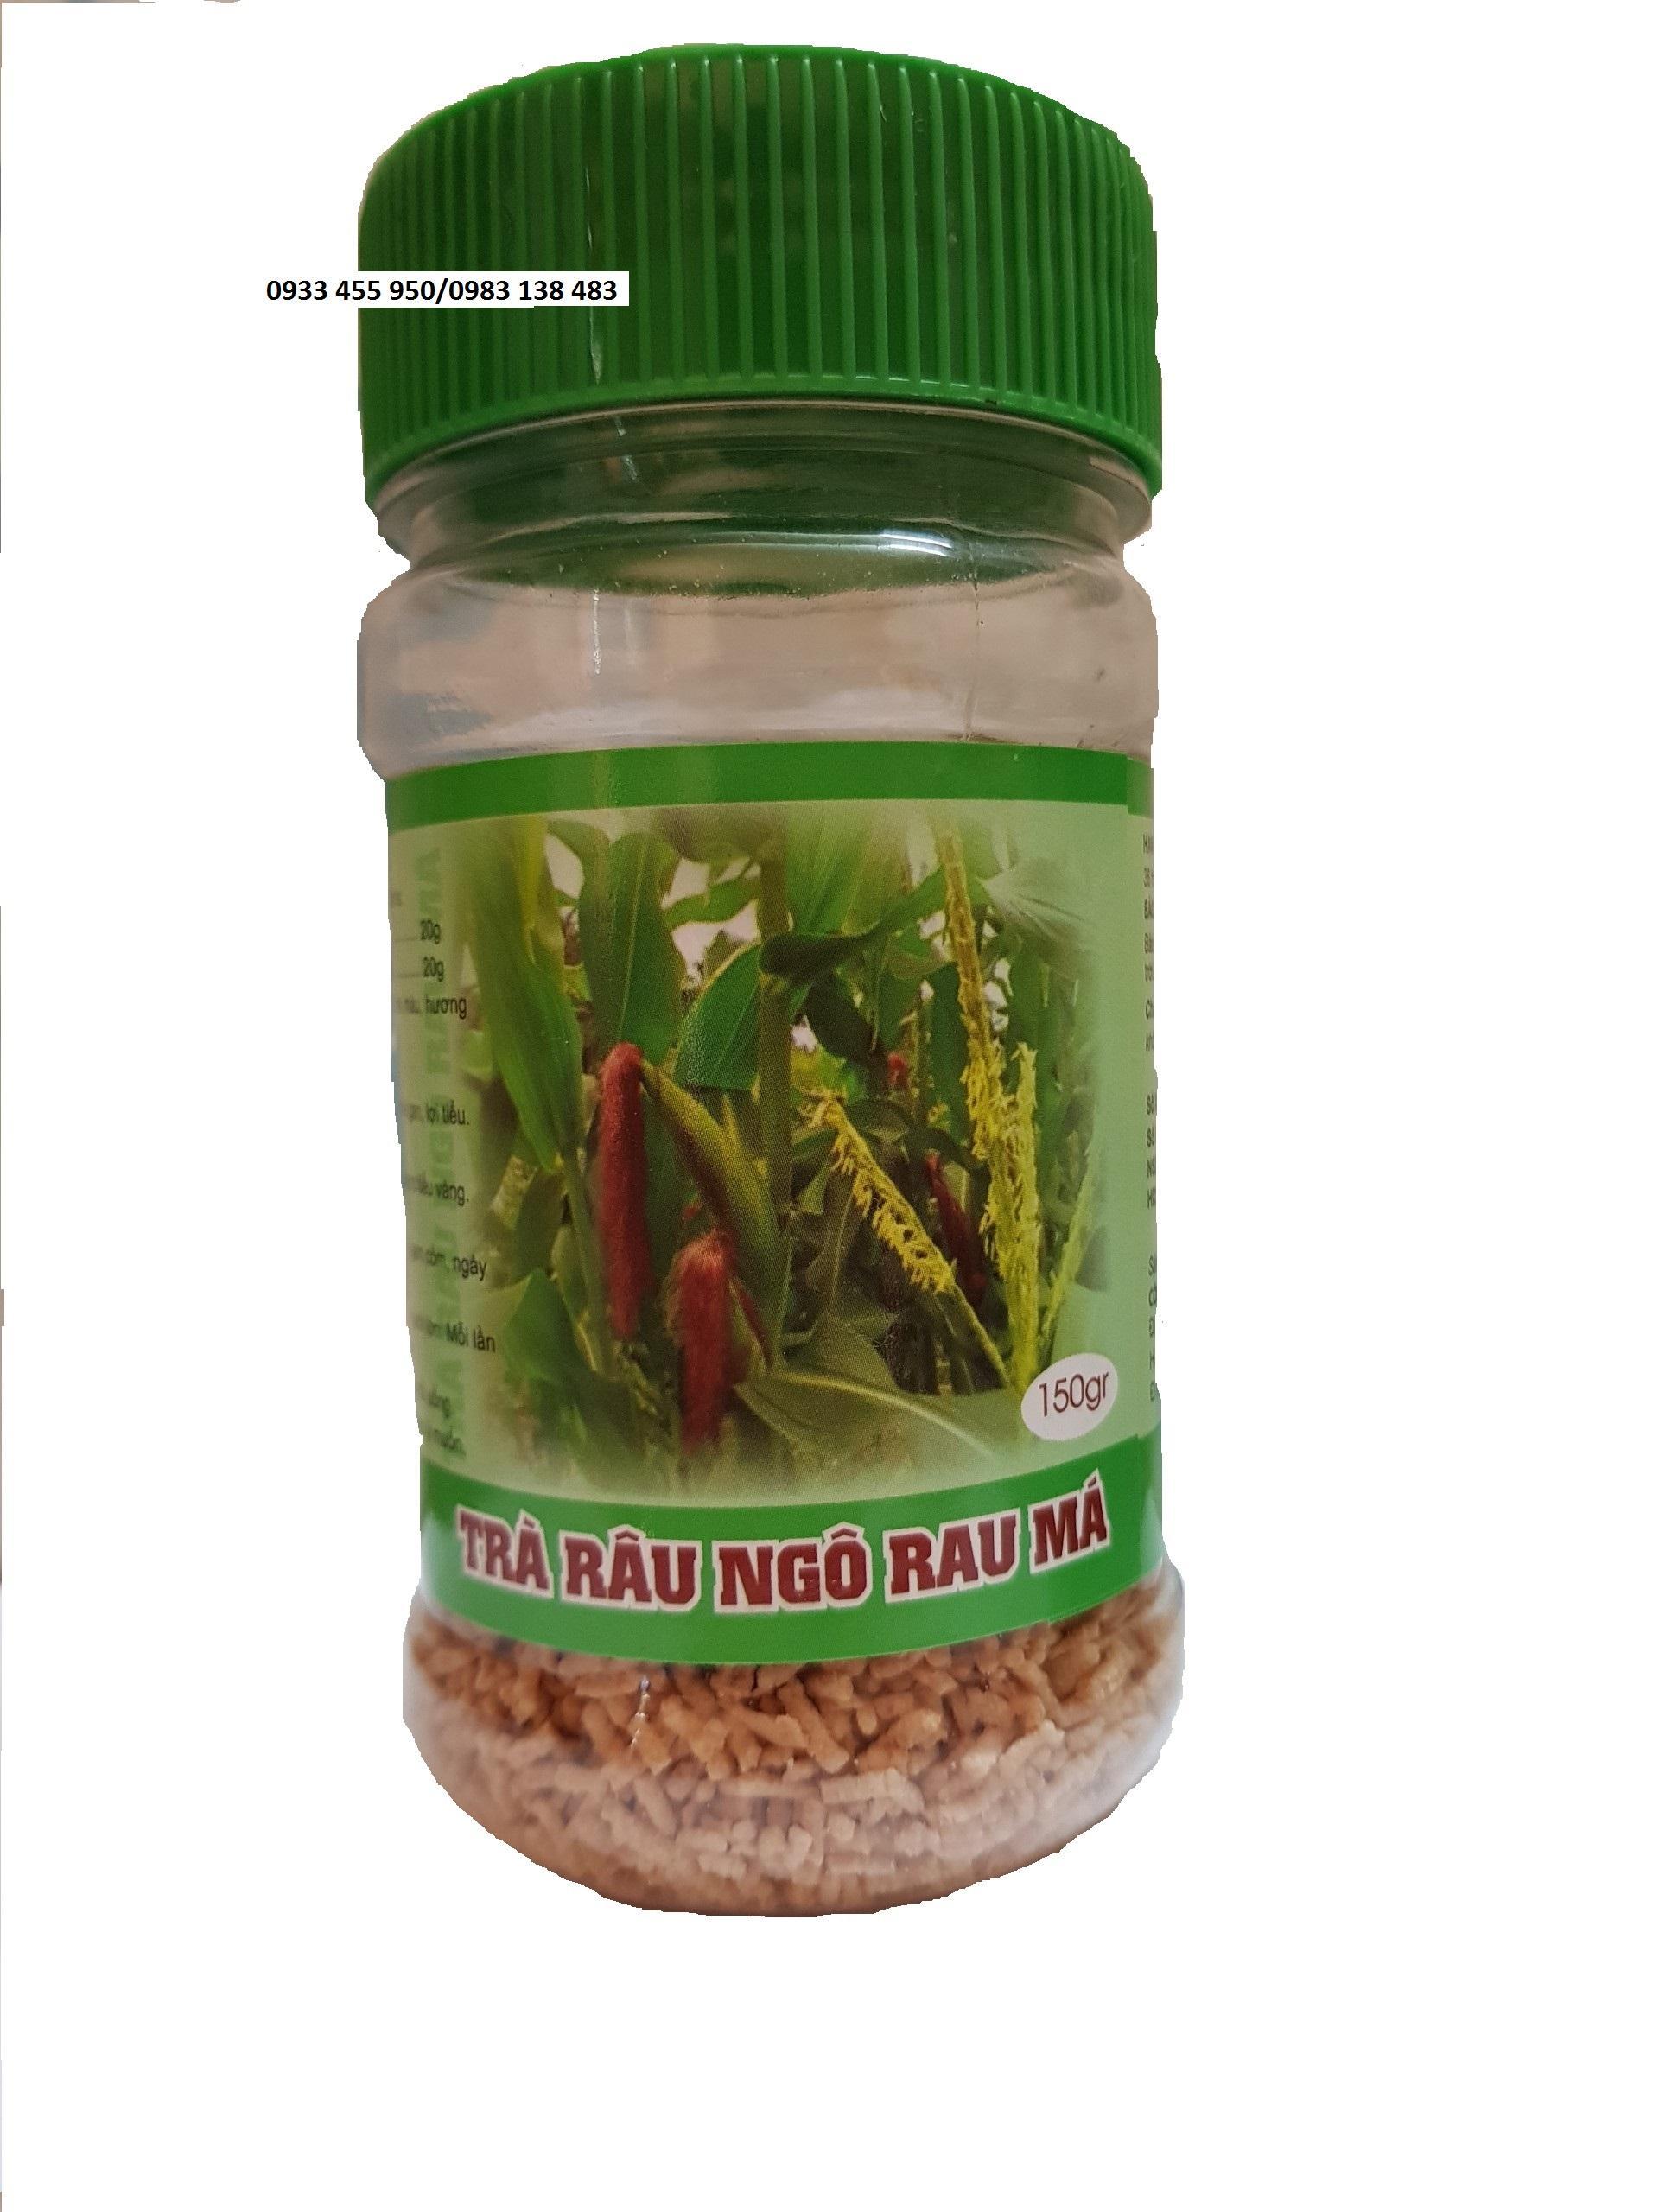 Combo 3 hộp Trà Râu Ngô Rau Má hộp 150gr_Giúp thanh nhiệt, giải độc, mát gan, lợi tiểu.